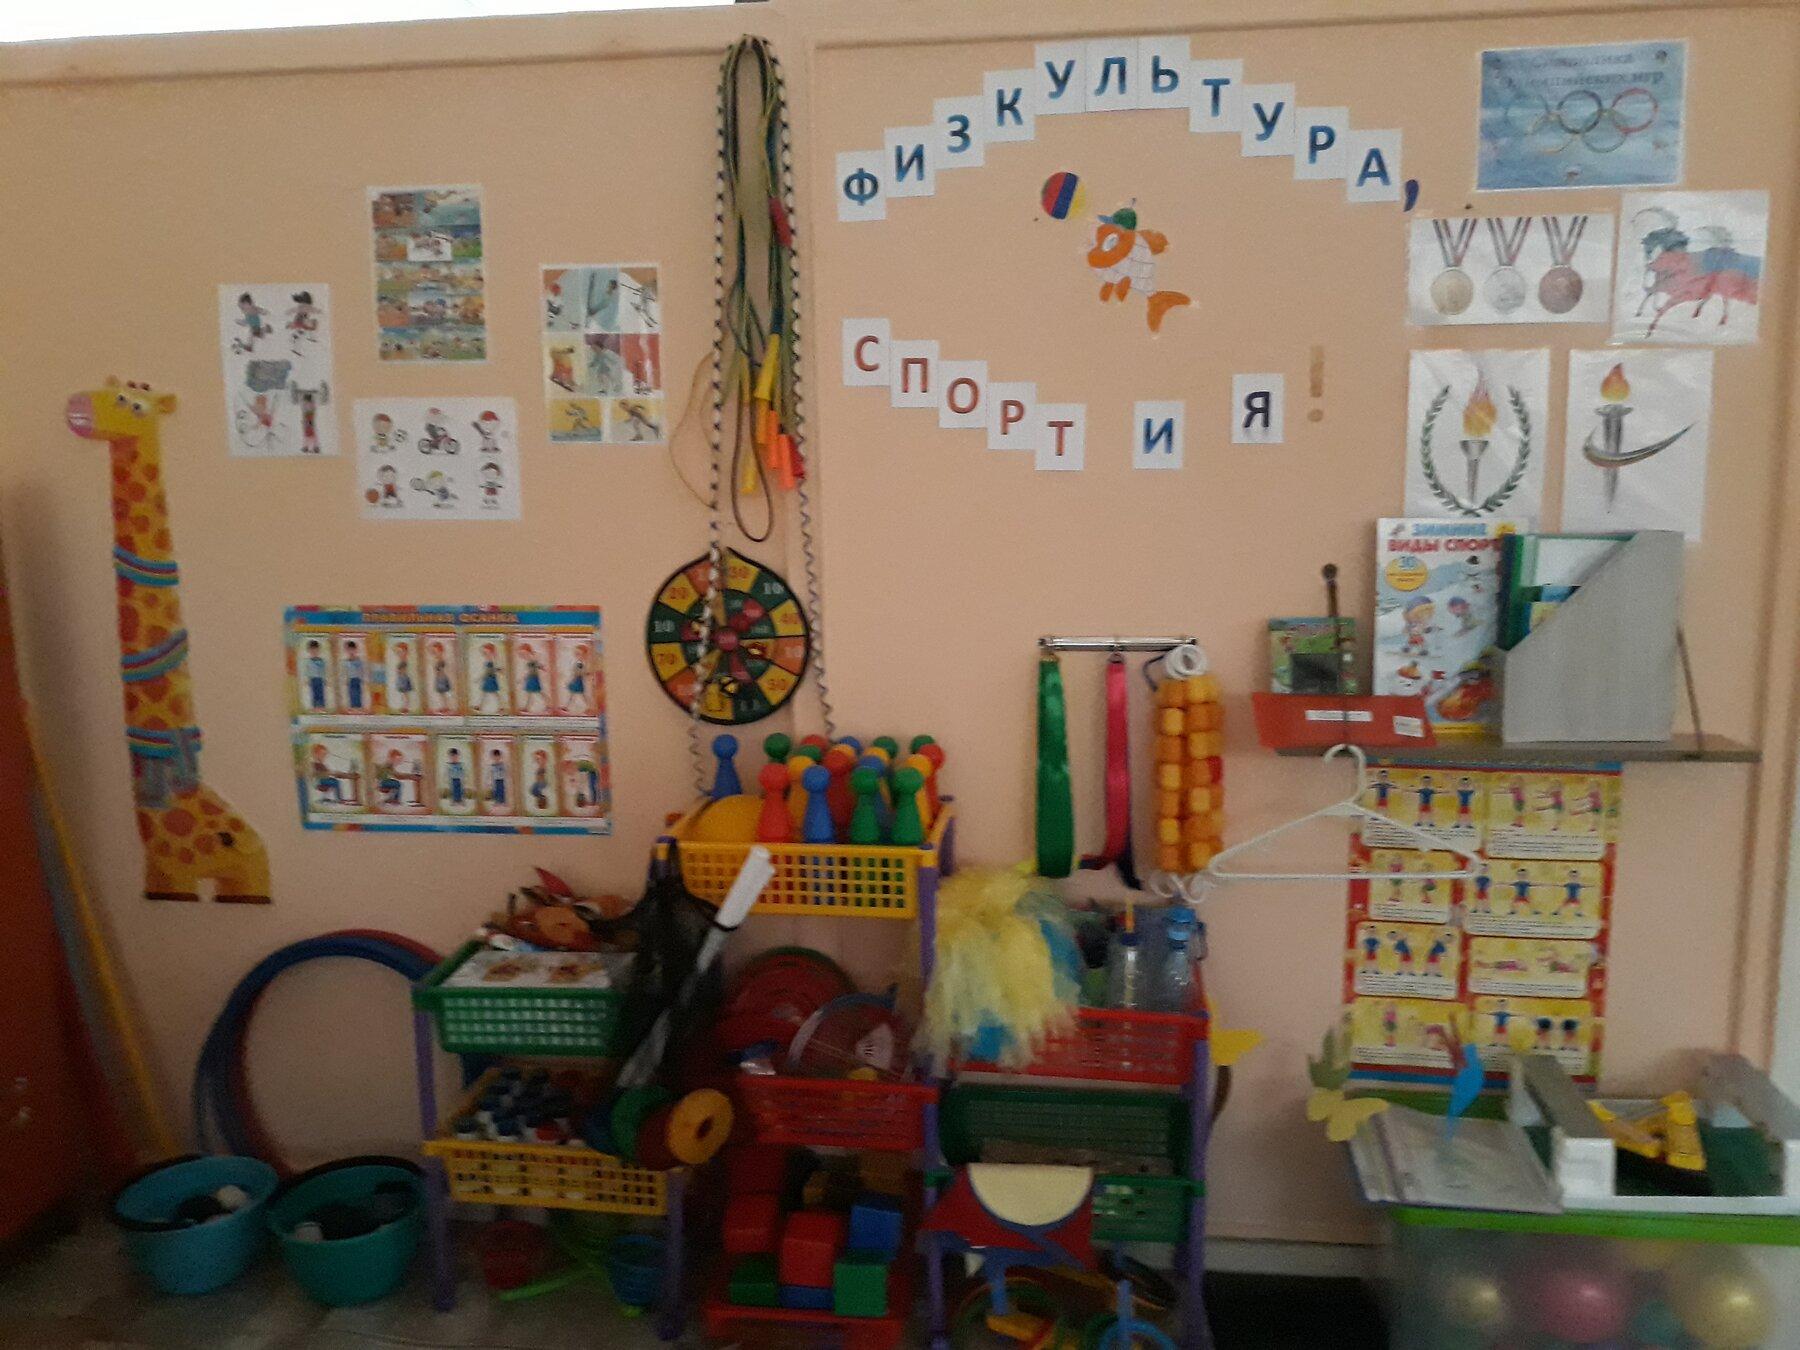 Уголки спортивный в детском саду своими руками фото